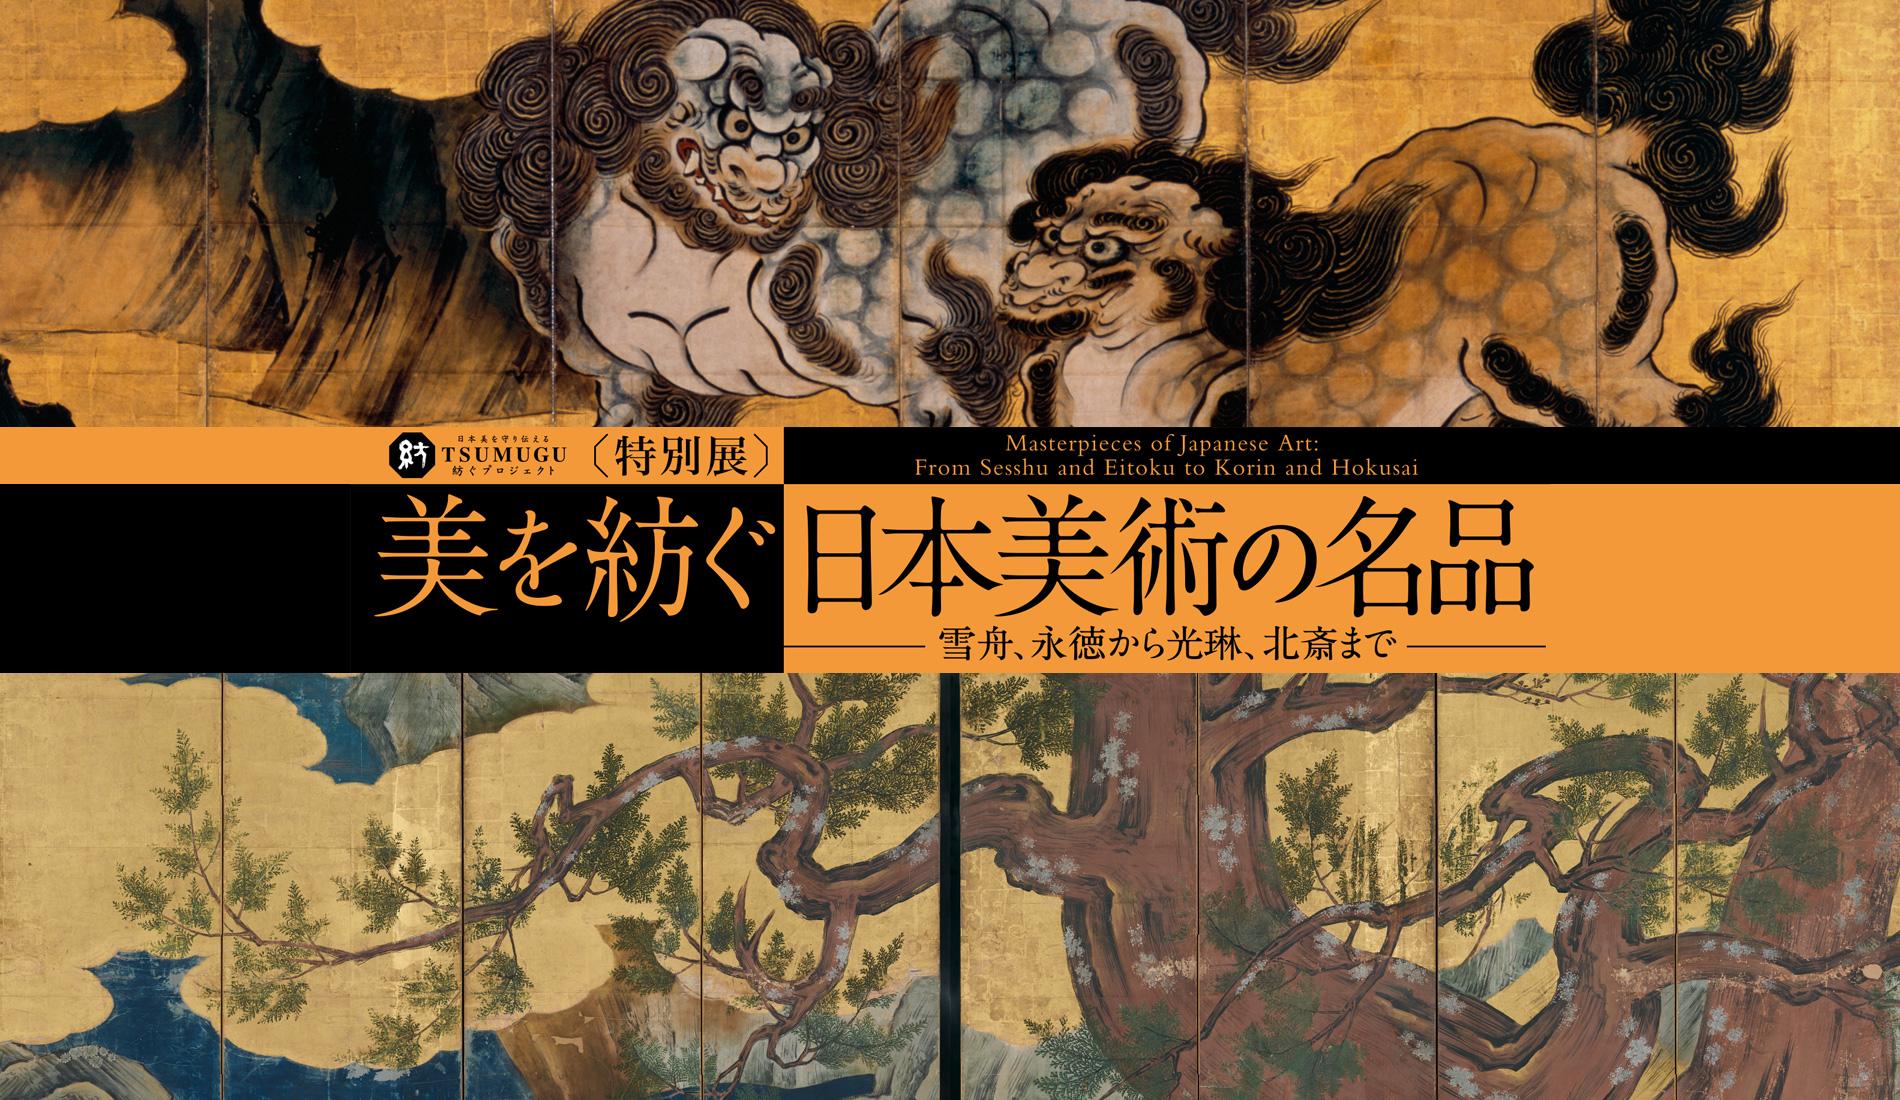 特別展「美を紡ぐ 日本美術の名品<br/> ―雪舟、永徳から光琳、北斎まで―」